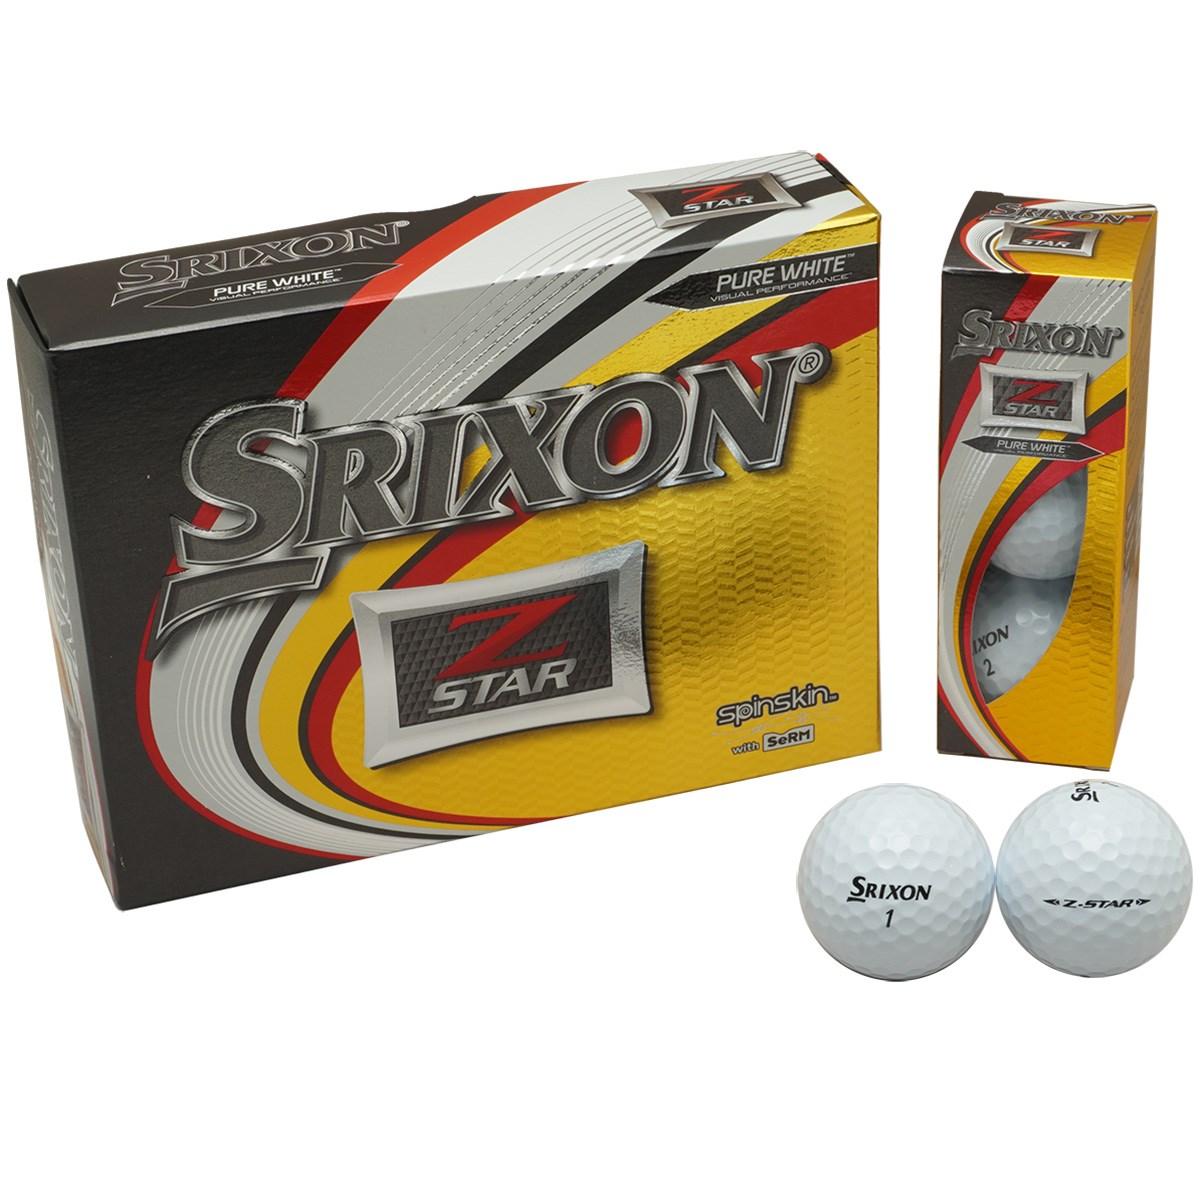 ダンロップ SRIXON Z-STAR6 ボール 1ダース(12個入り) ホワイト 【USモデル】